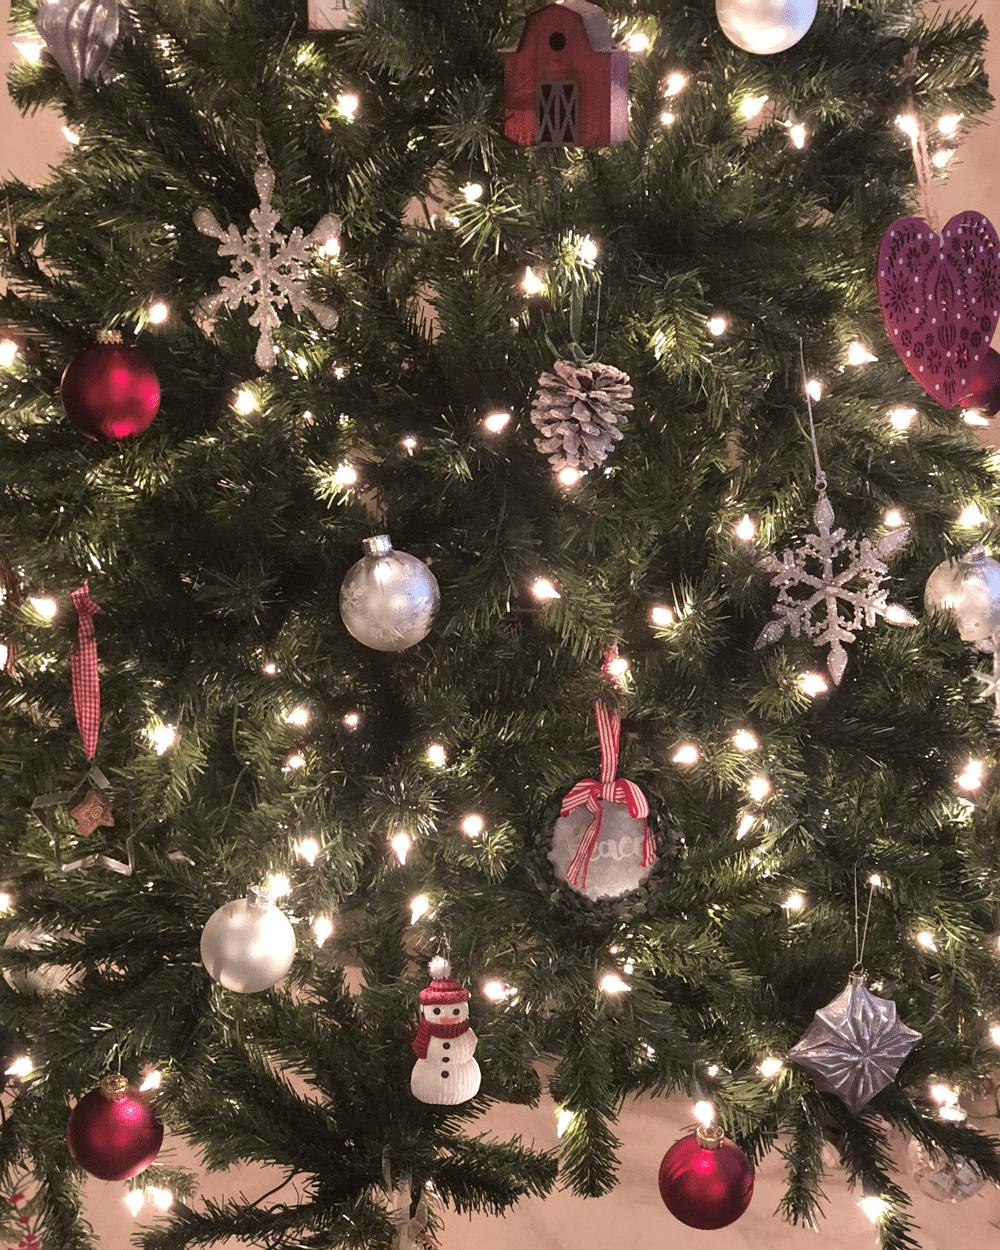 Christmas Tree Life Extender: Christmas Home Tour 2018